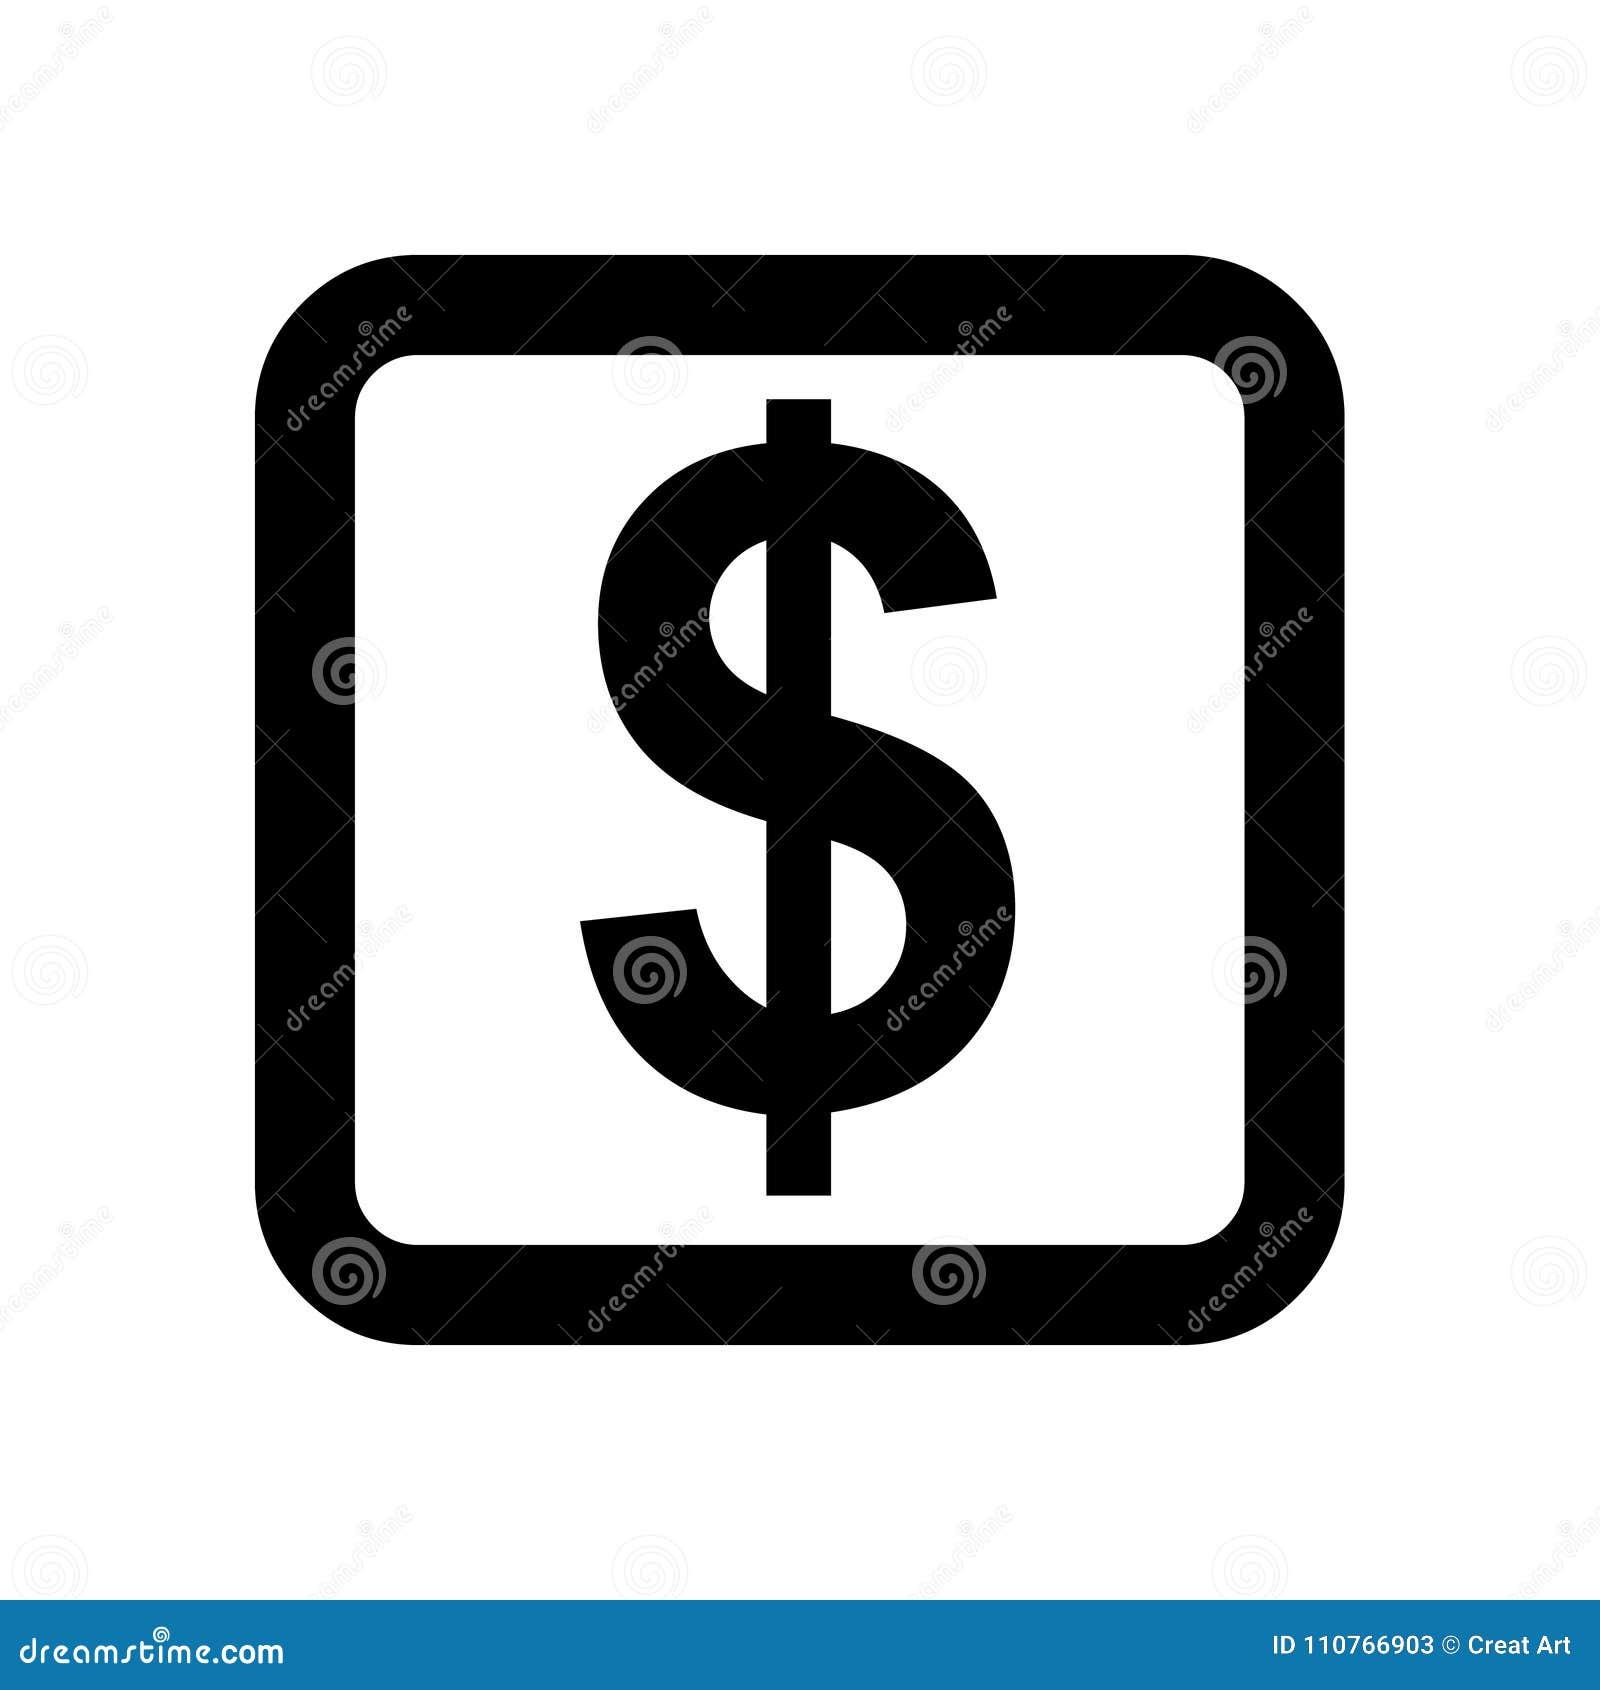 Money Vector Iconllar Symbol Vector Stock Vector Illustration